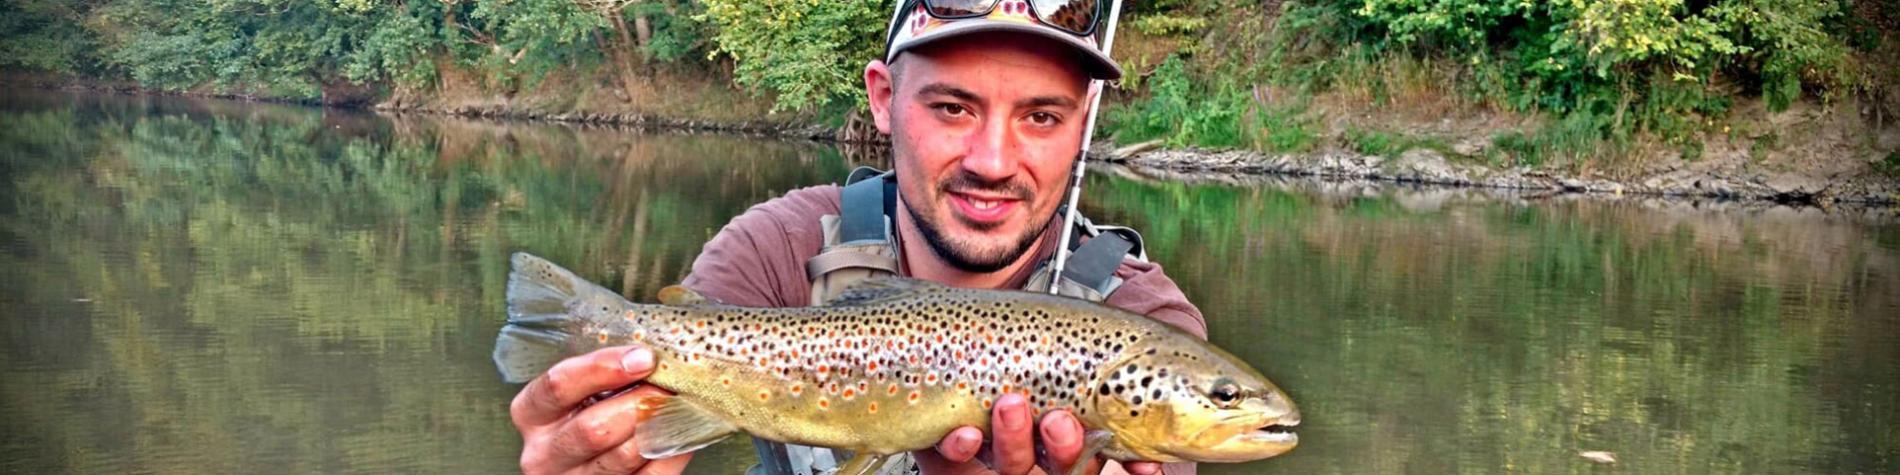 Pêche - mouche - rivière - Treignoise - Truite - poisson - Wallonie Terre d'Eau